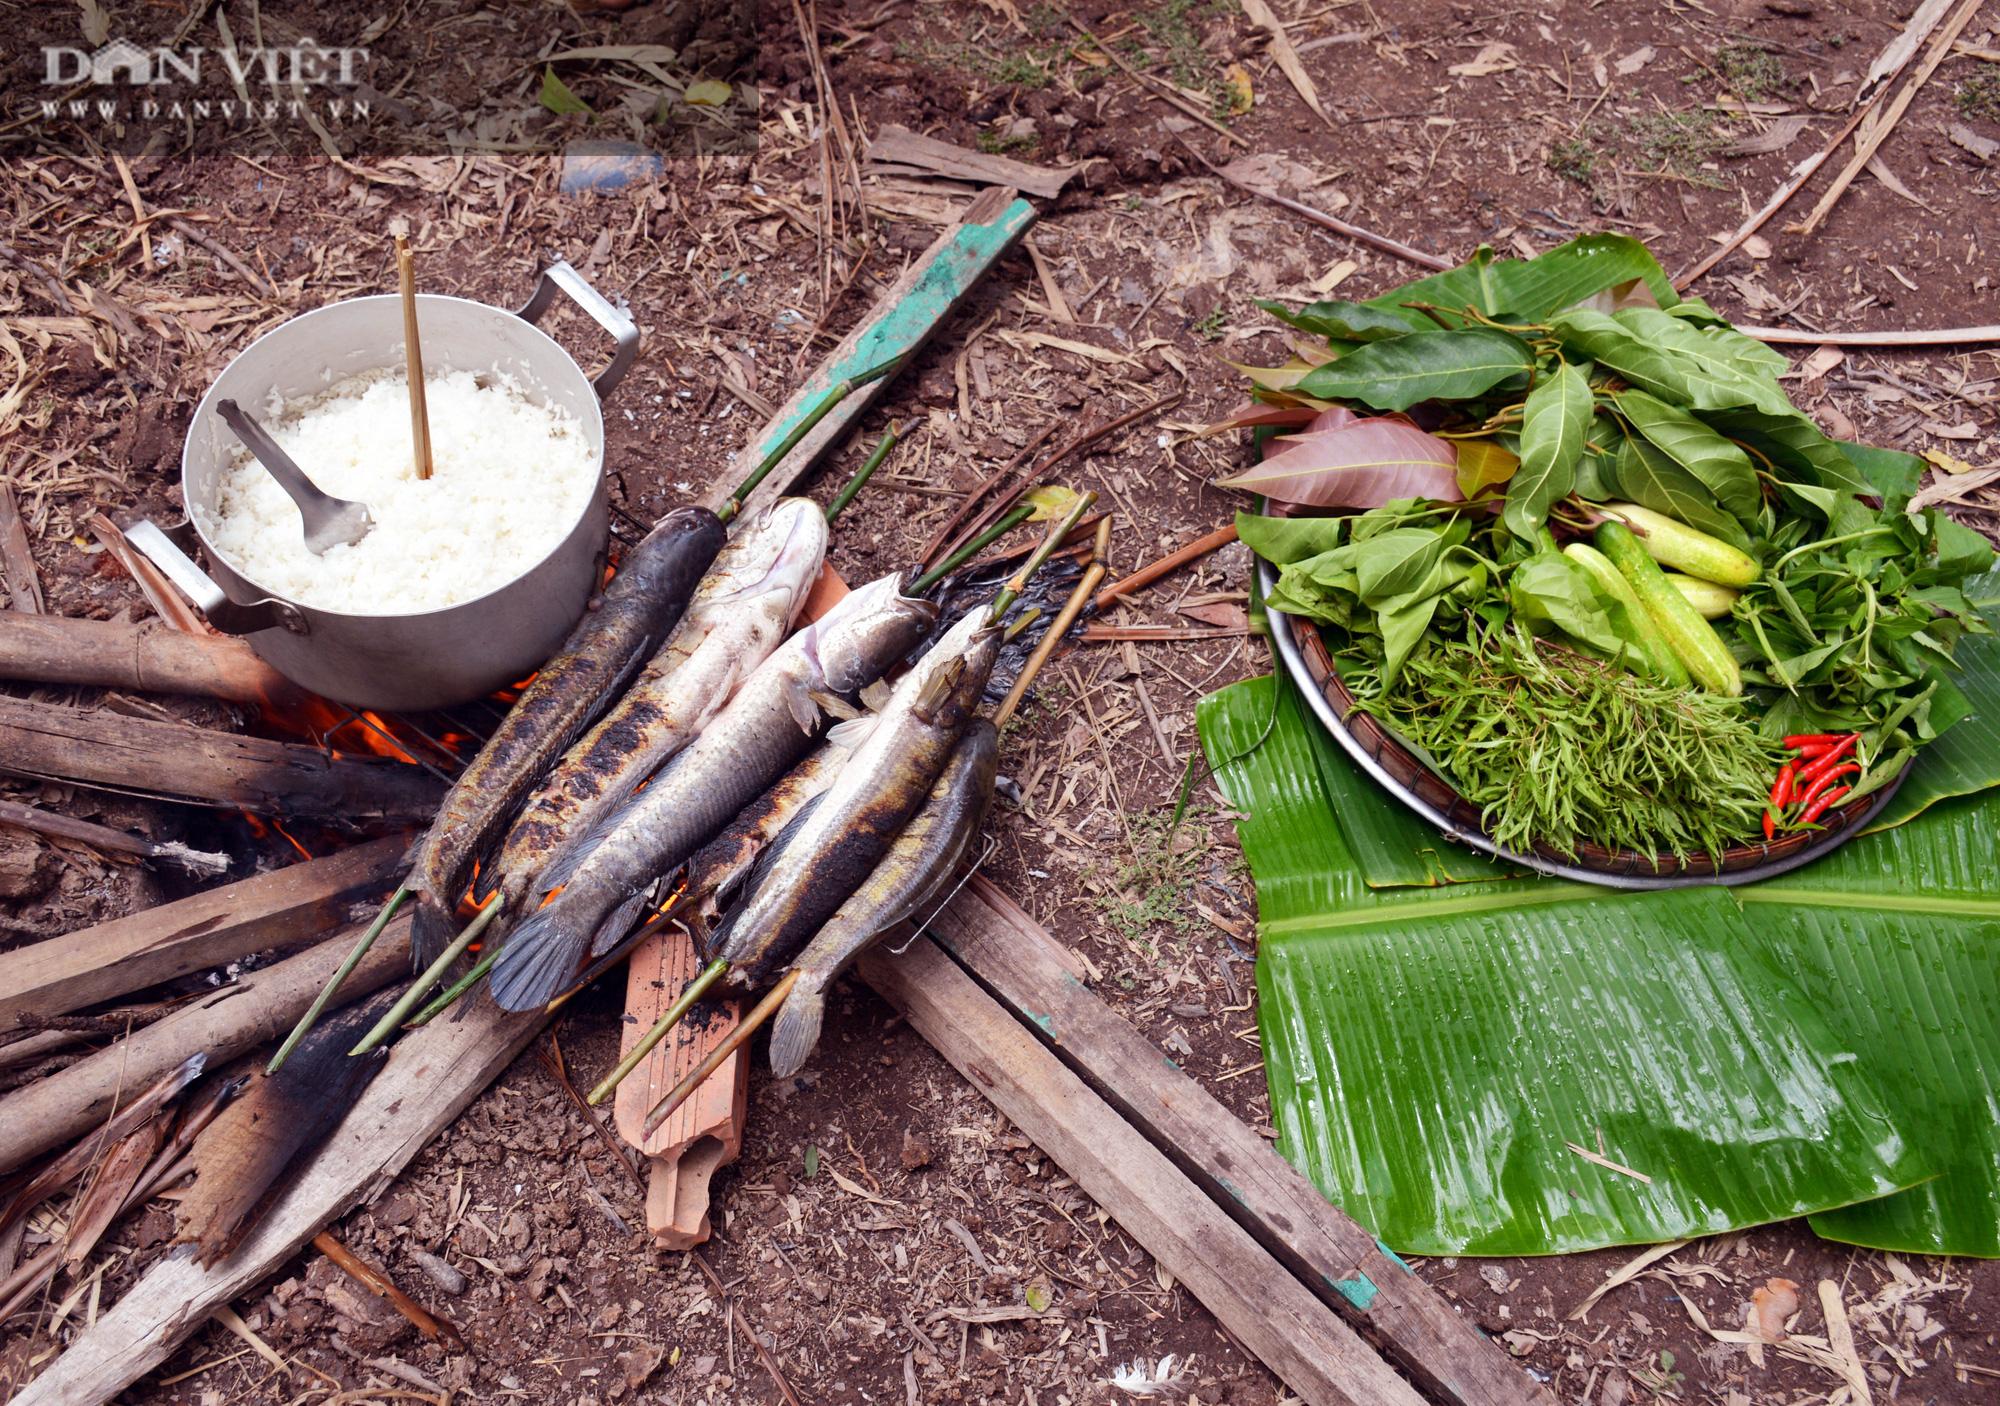 Về Cà Mau tát đìa bắt cá đồng to bự mang nướng than giữa đồng - Ảnh 22.